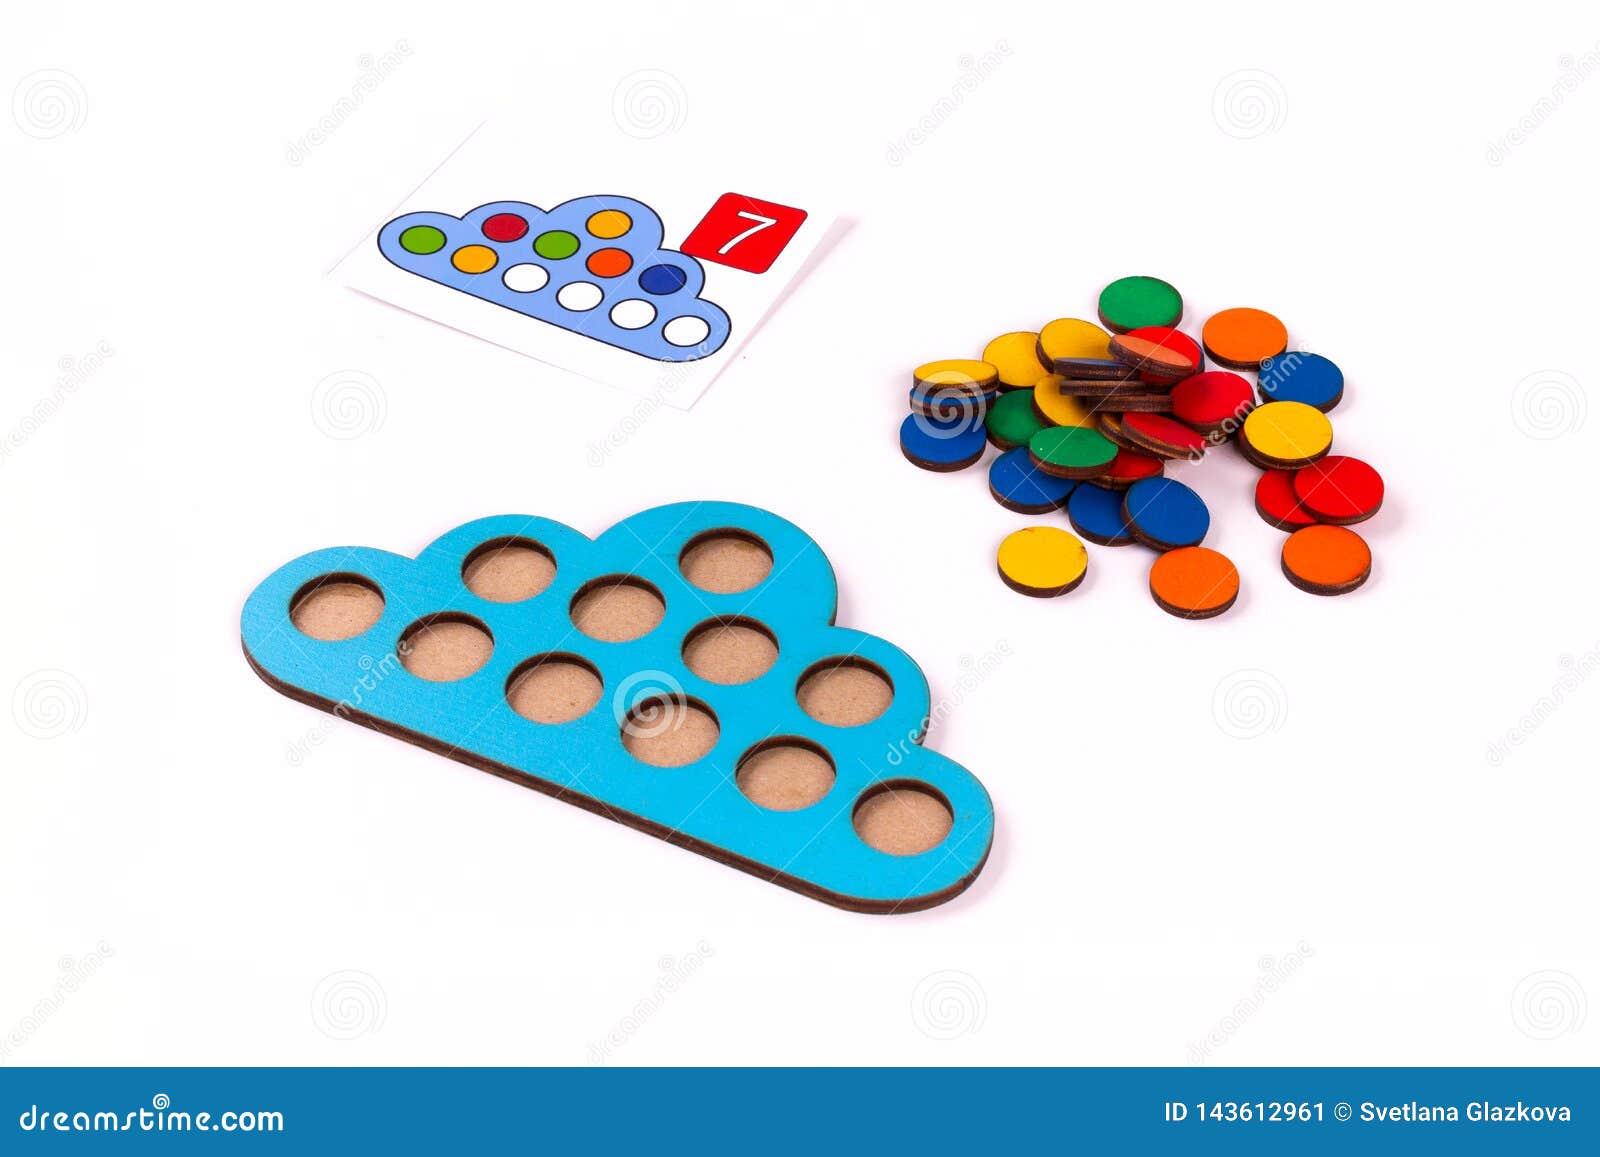 Montessori drewniany materiał dla uczenie matematyki dzieci przy szkołą, preschool, dzieciniec pojęcie edukacyjny